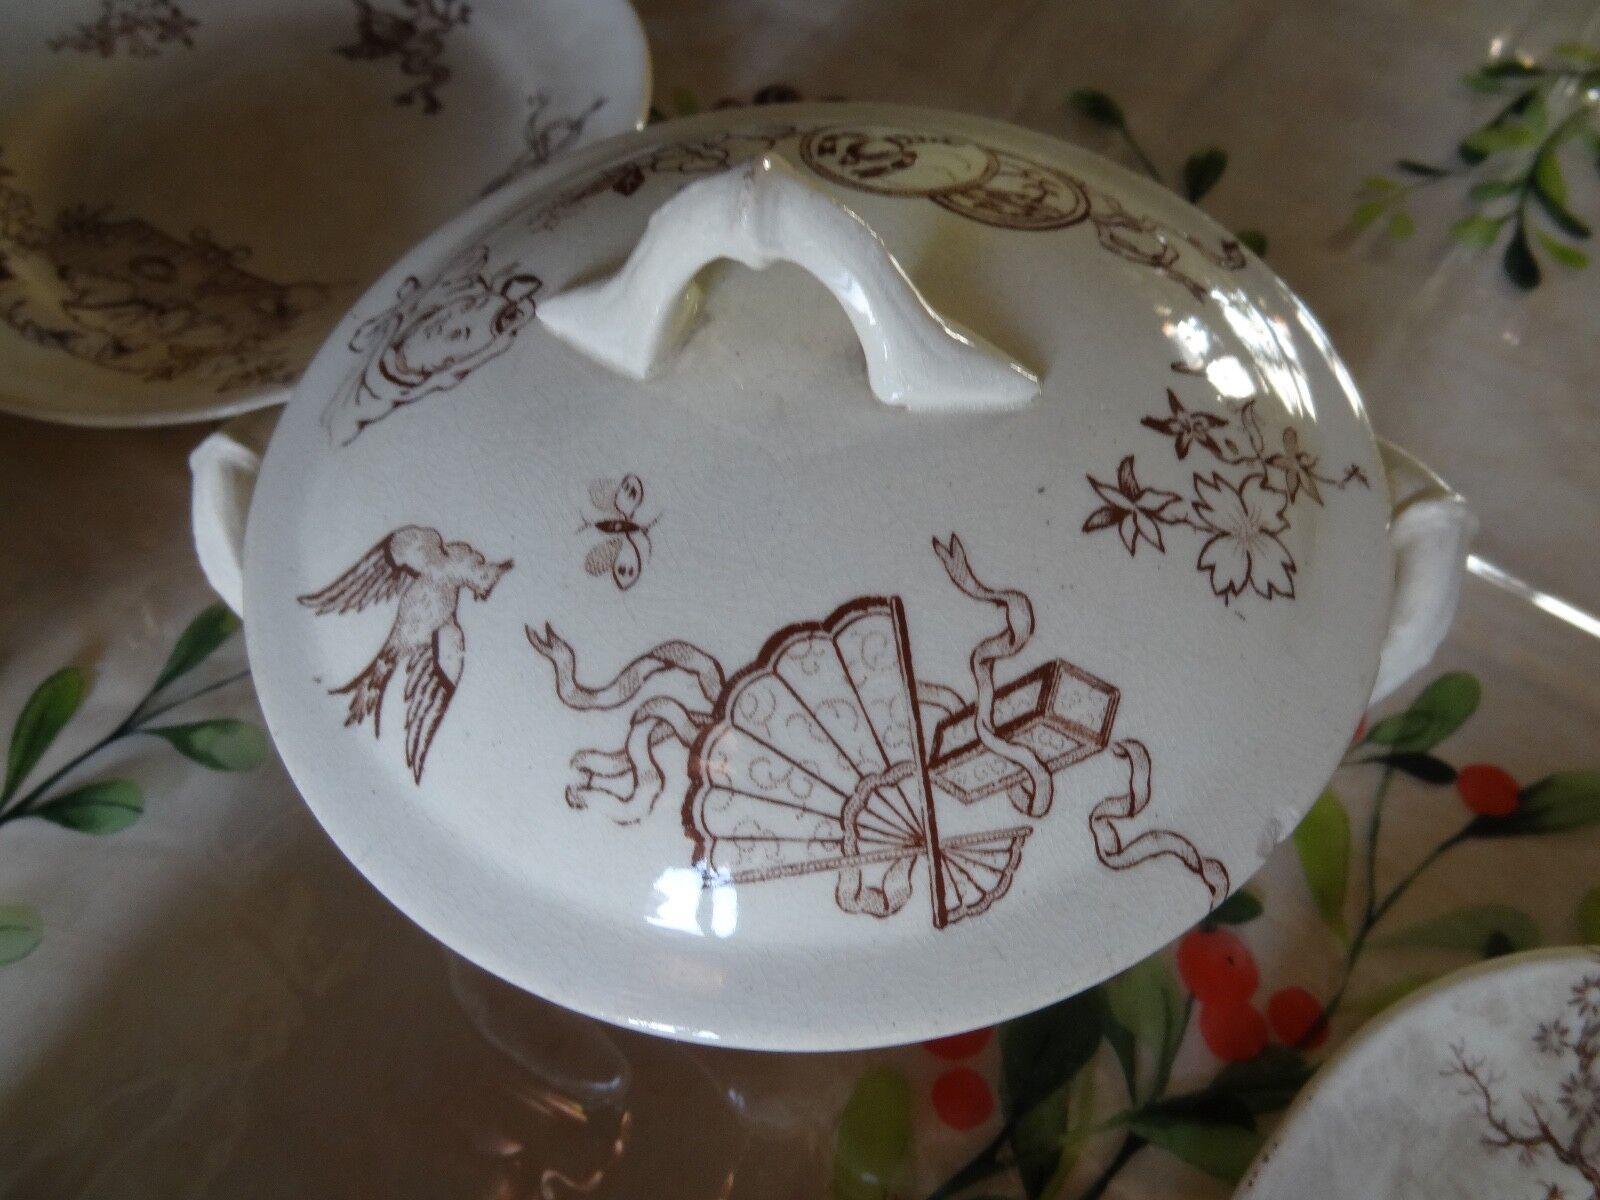 Noël Nouvel Nouvel Nouvel An, sortez vous-même Ancienne dinette faïence fin XIXe décor japonisant luneville badonviller d8f06f